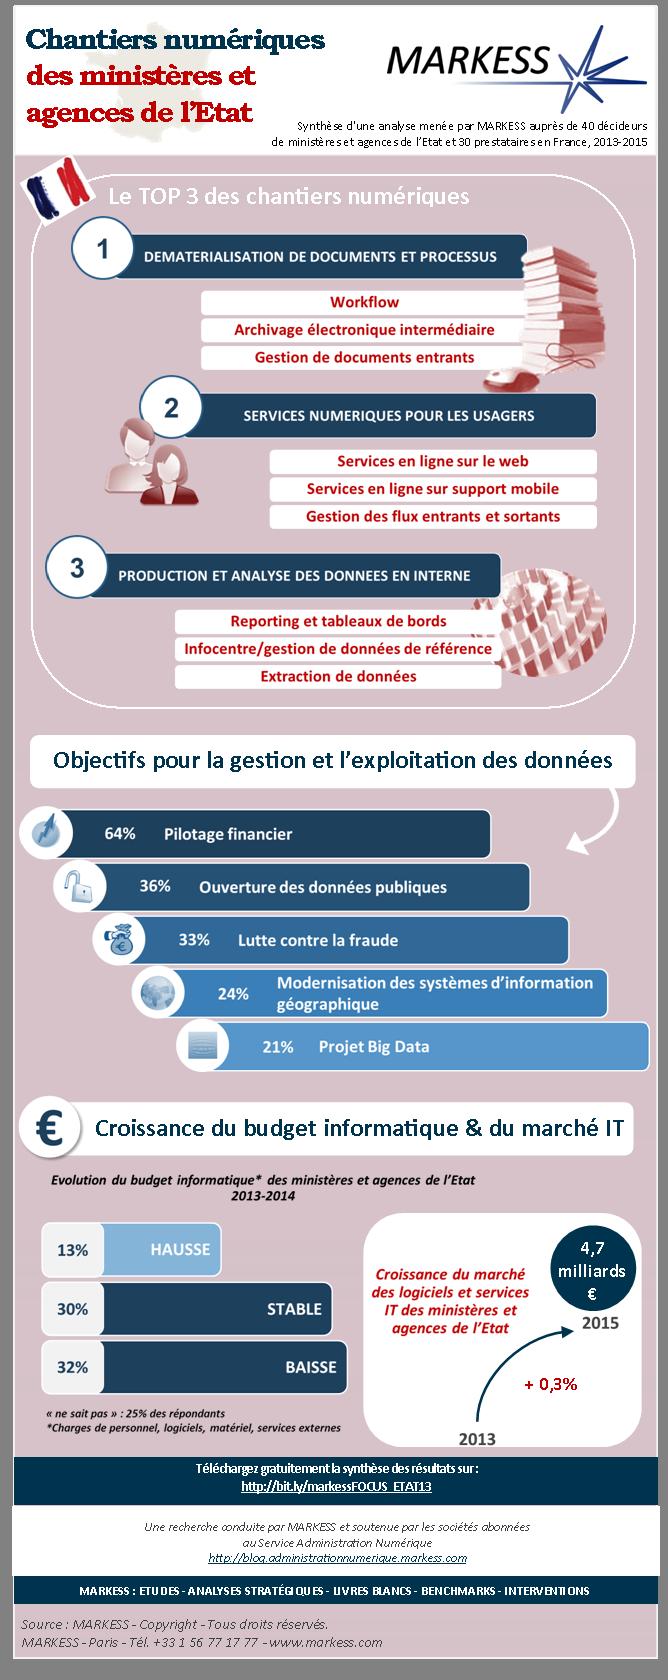 Infographie - Chantiers numériques des ministères de l'Etat